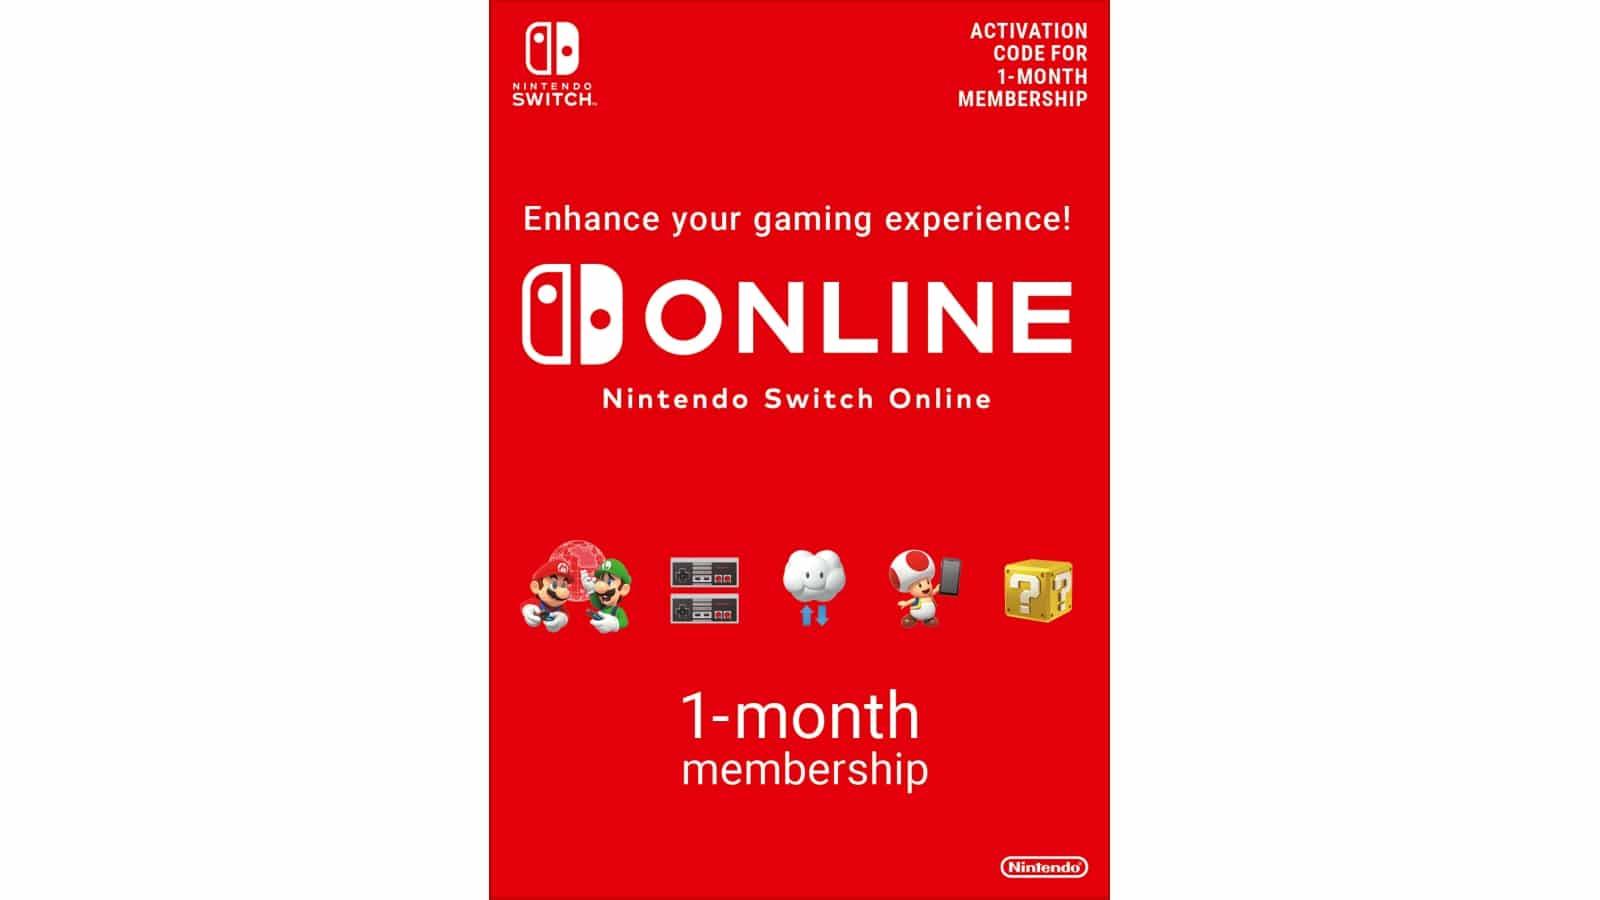 נינטנדו סוויץ' אונליין - Nintendo Switch Online - מנוי 30 יום